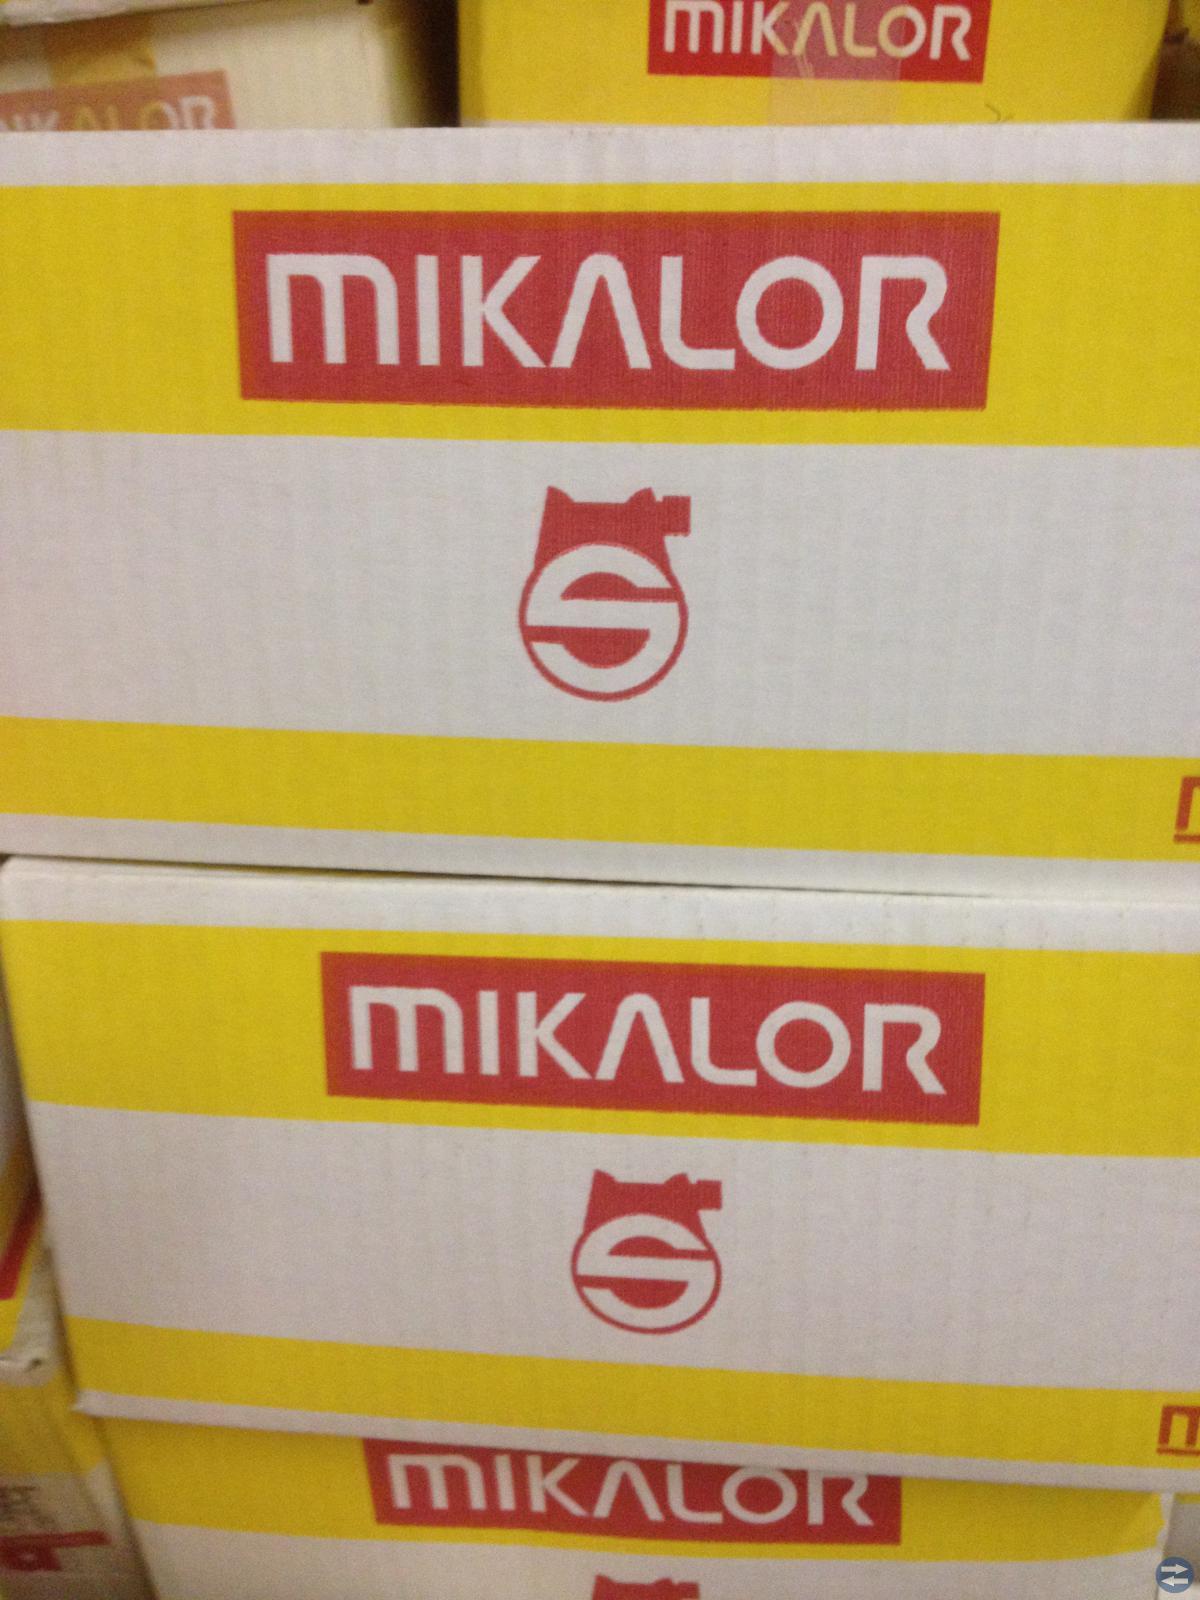 260 st Mikalor Slangklämmor , med förvaringslåda